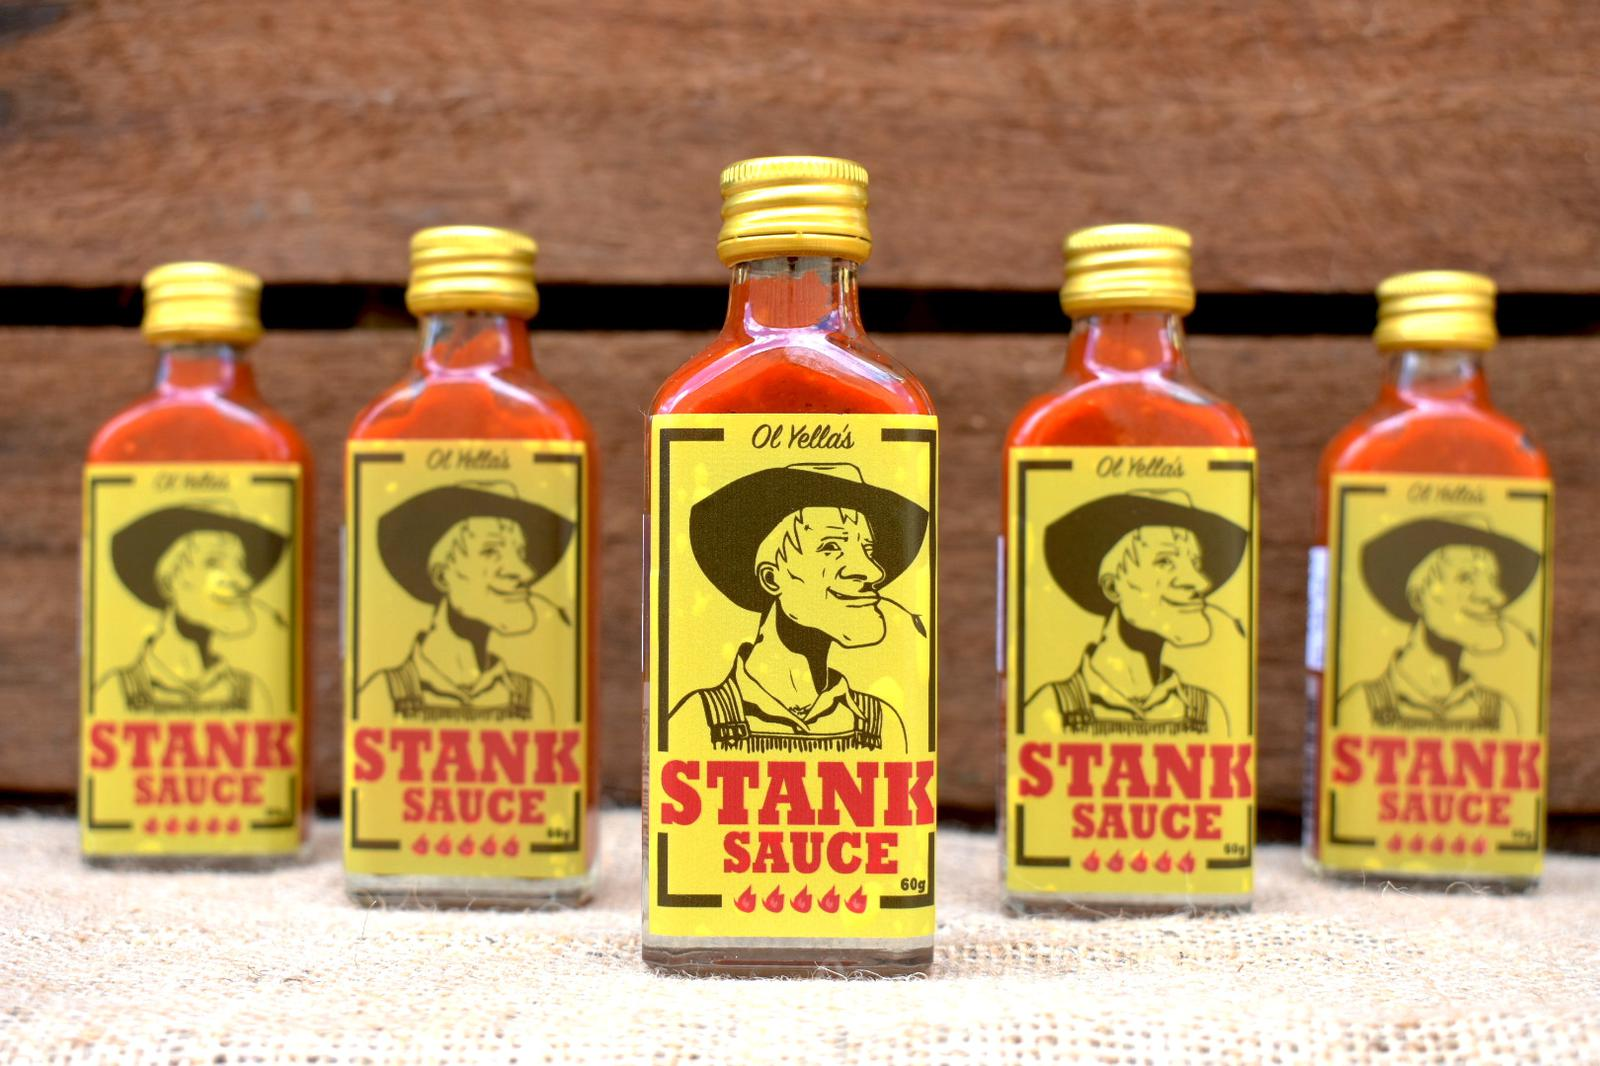 Stank Sauce